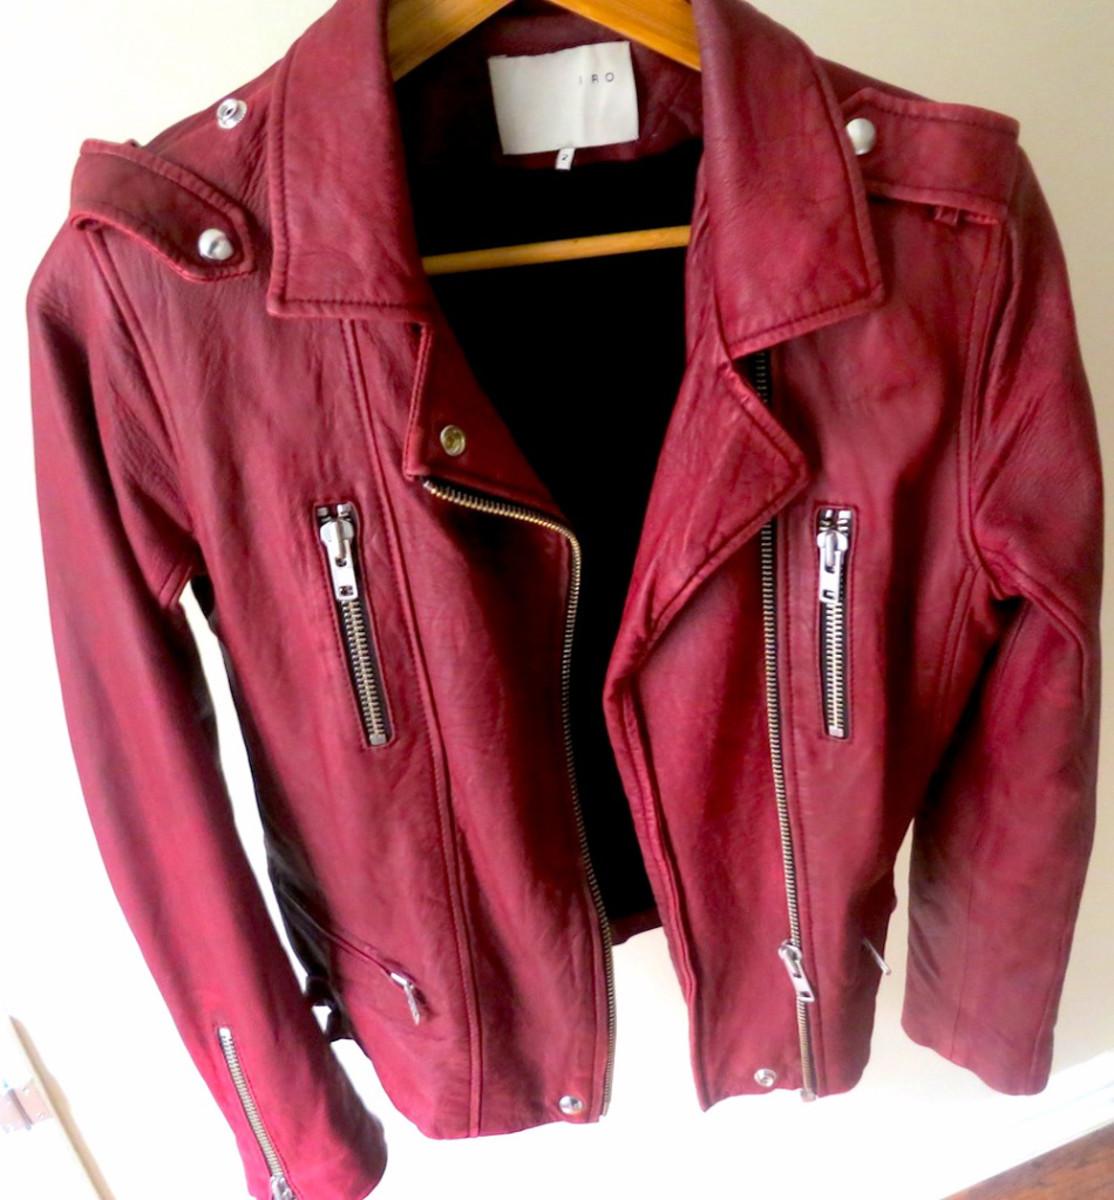 emily d jacket